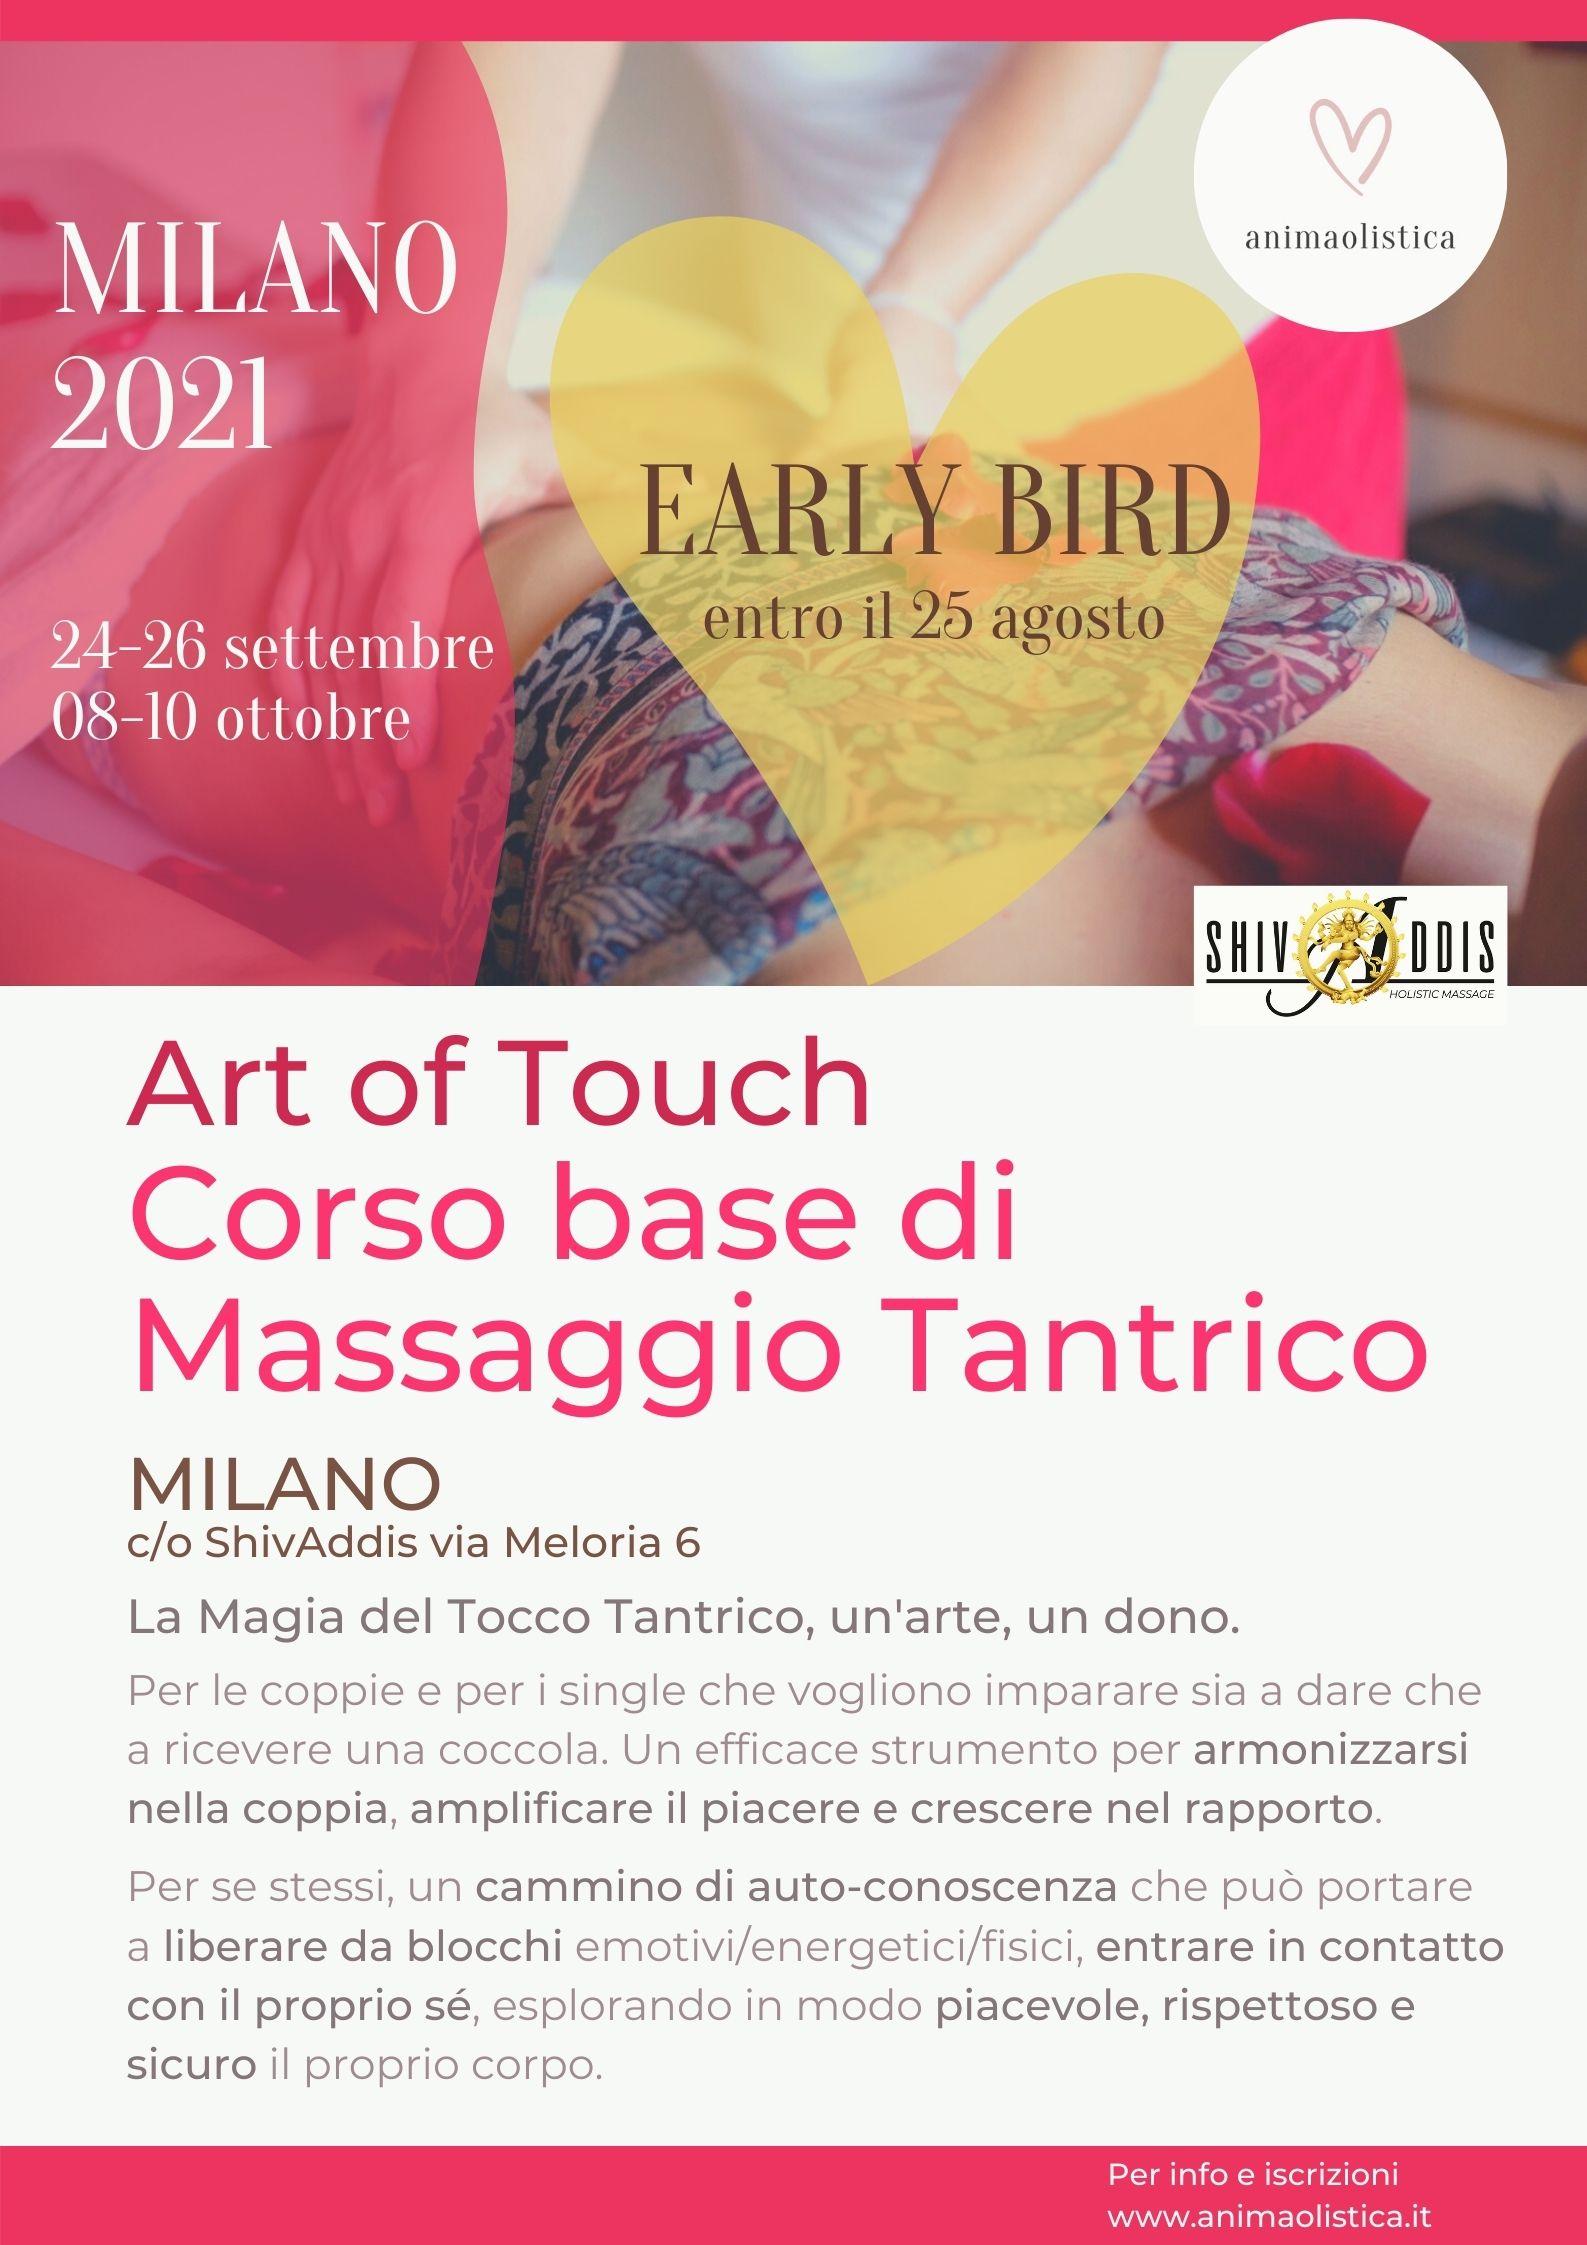 Corso di Massaggio Tantrico Milano 2021